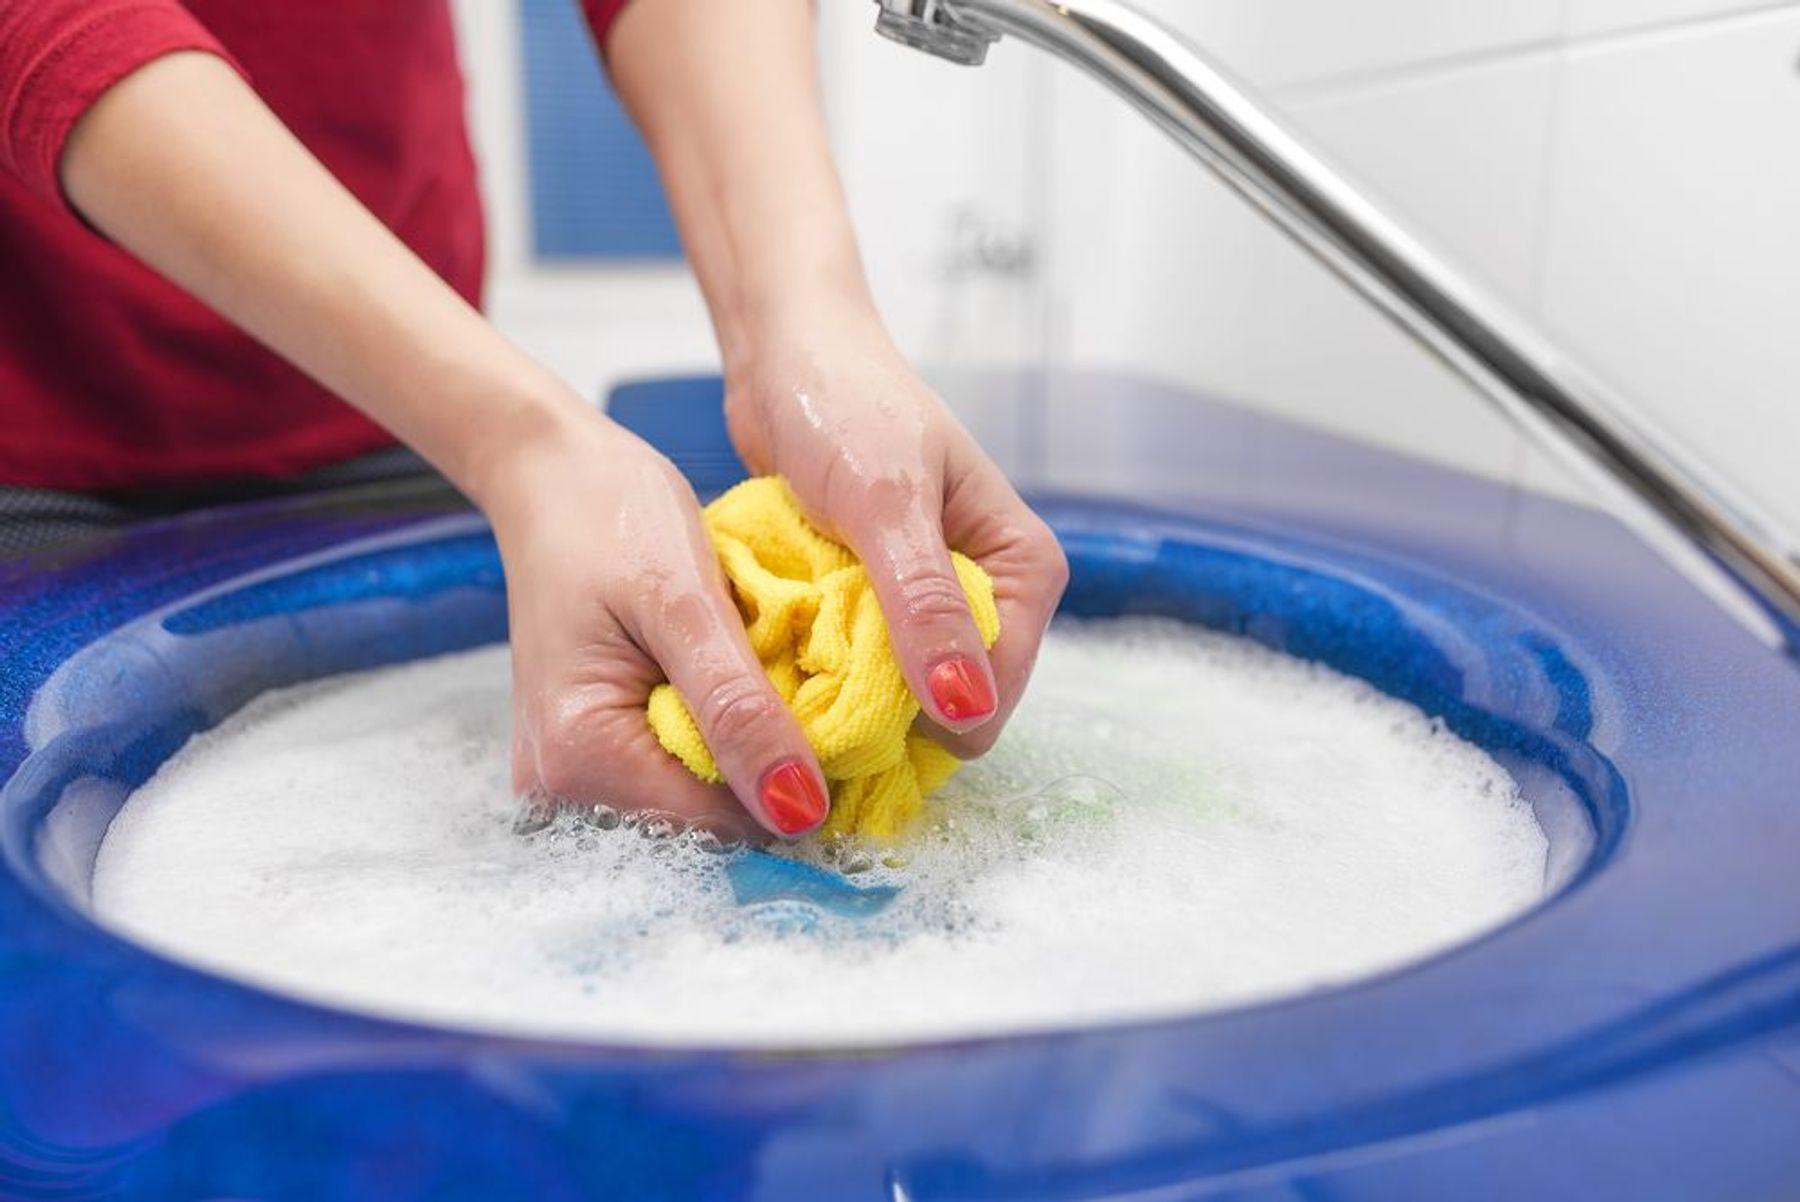 Cách giặt áo dài bằng tay